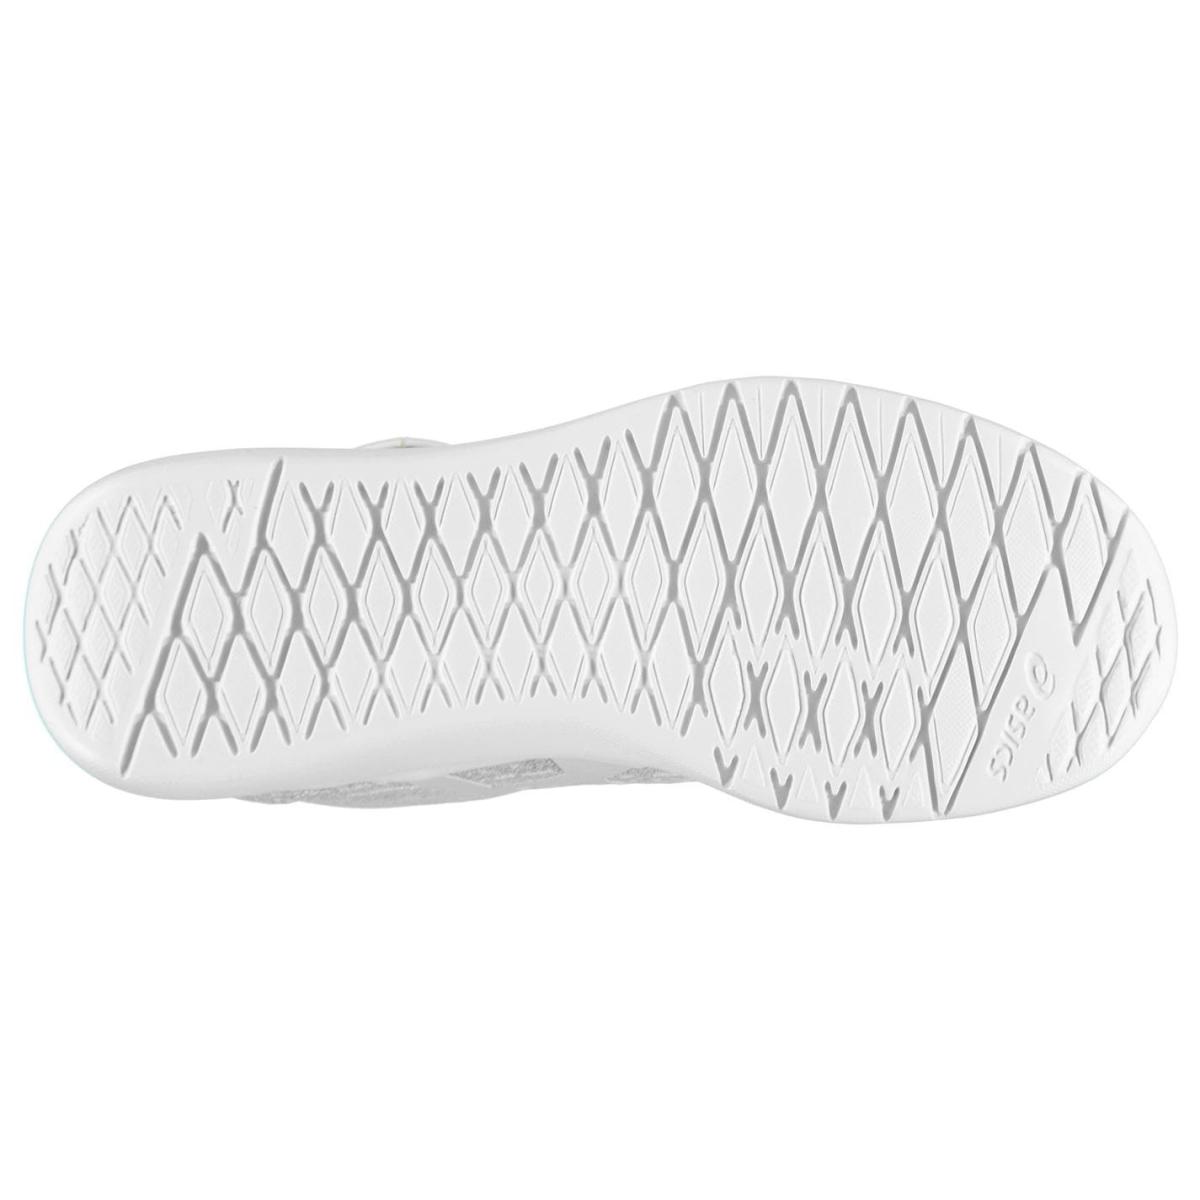 Asics-Kanmei-2-Turnschuhe-Damen-Sneaker-Sportschuhe-Laufschuhe-9097 Indexbild 10